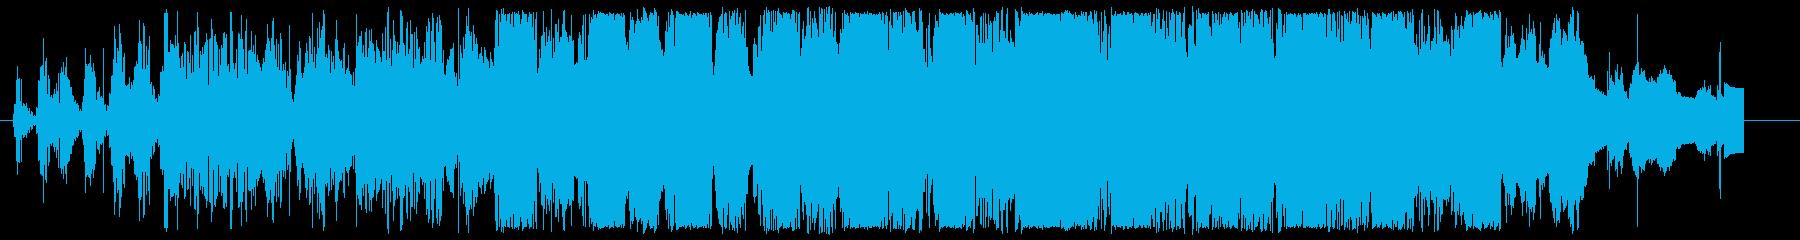 夢の中/ふわふわ/爽やか/エレクトロニカの再生済みの波形